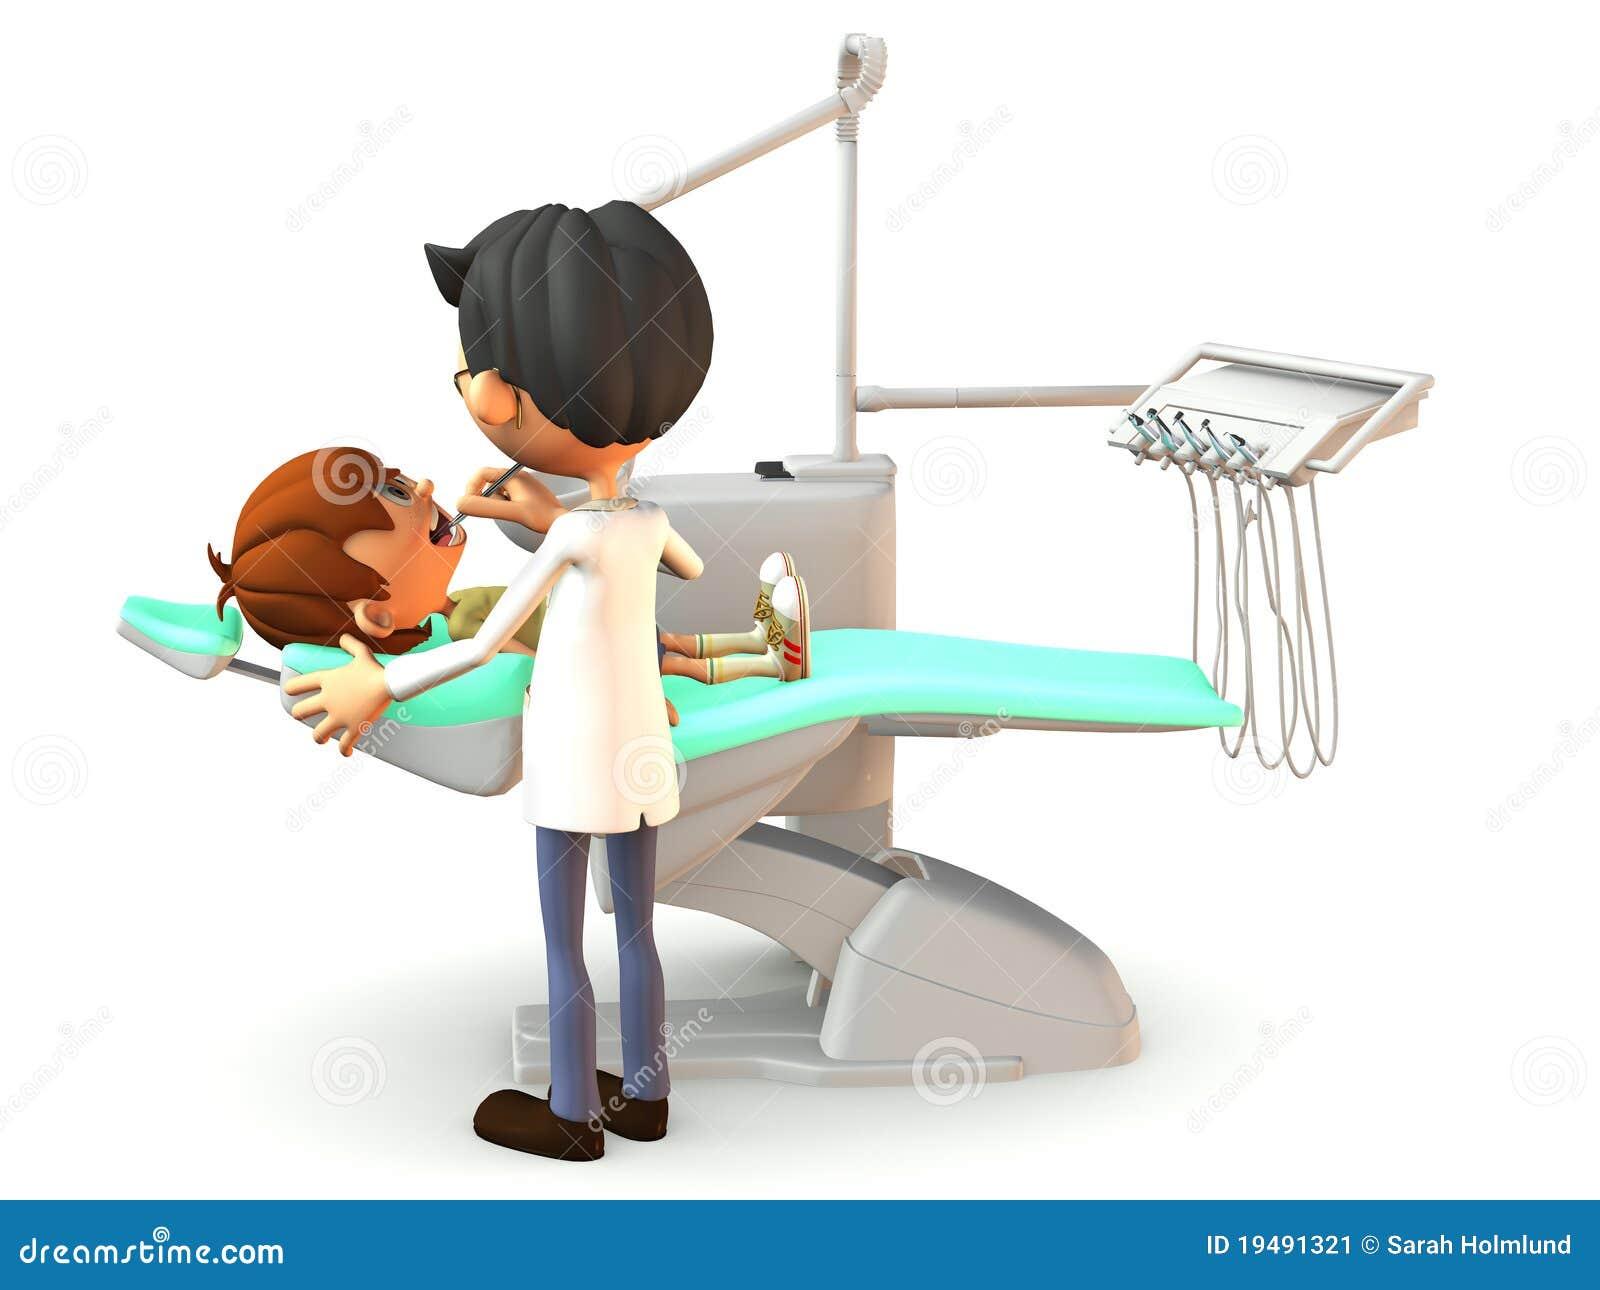 Ragazzo del fumetto che ottiene un esame dentale.